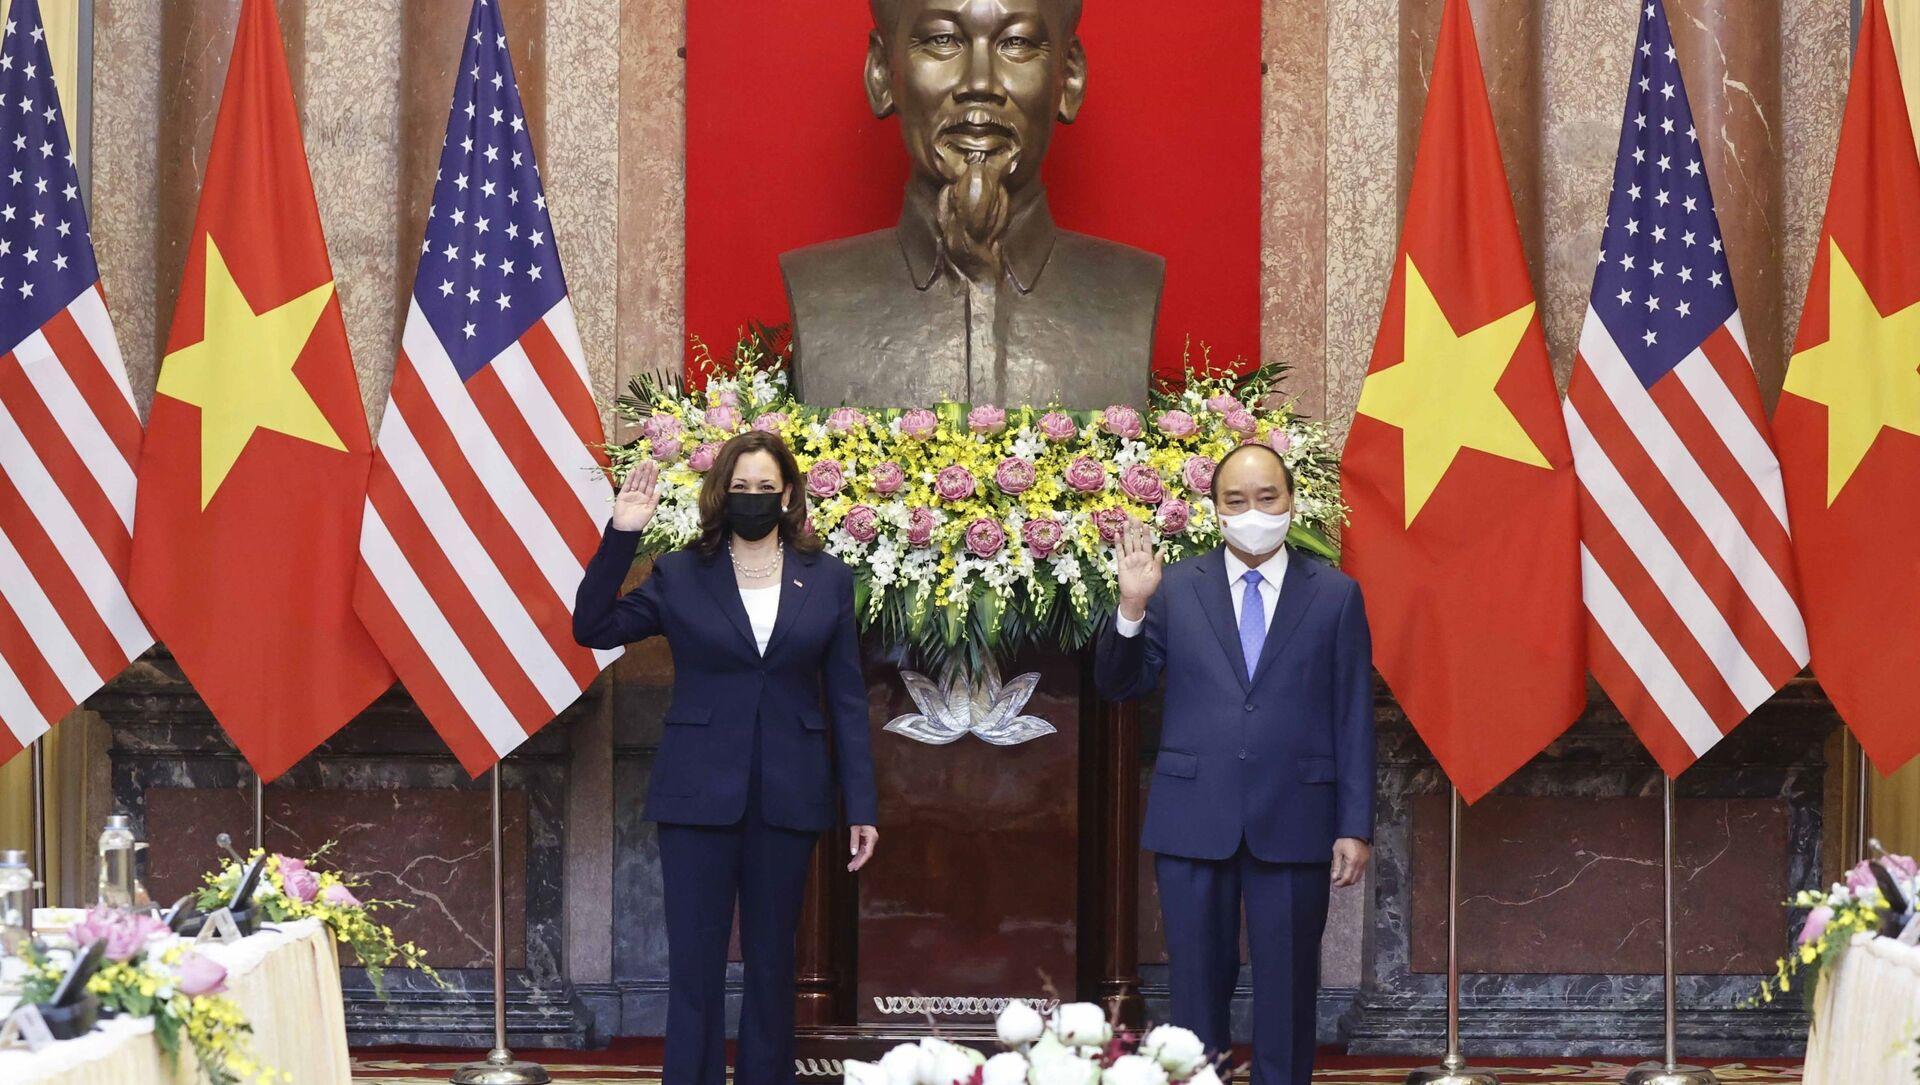 Chủ tịch nước Nguyễn Xuân Phúc và Phó Tổng thống Hoa Kỳ Kamala Harris tại buổi tiếp.  - Sputnik Việt Nam, 1920, 26.08.2021